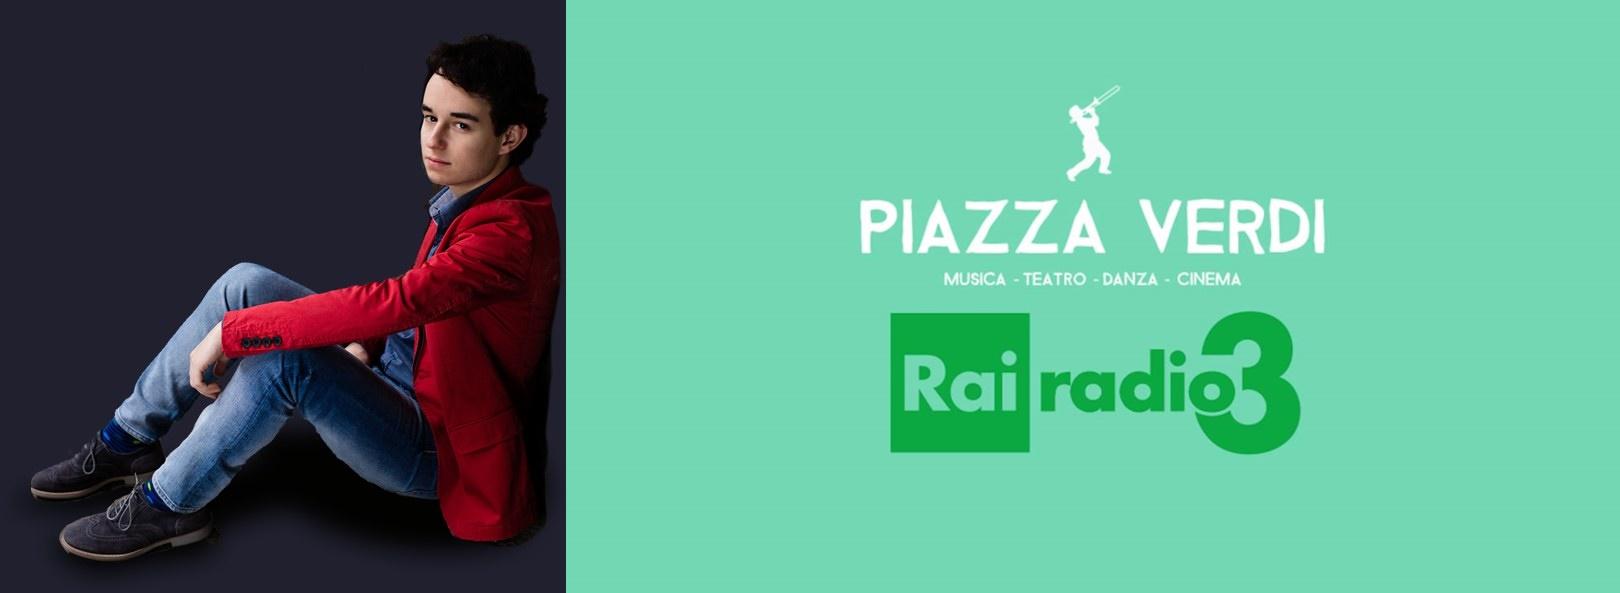 In diretta su Rai Radio Tre per la trasmissione Piazza Verdi il giovane pianista Axel Trolese